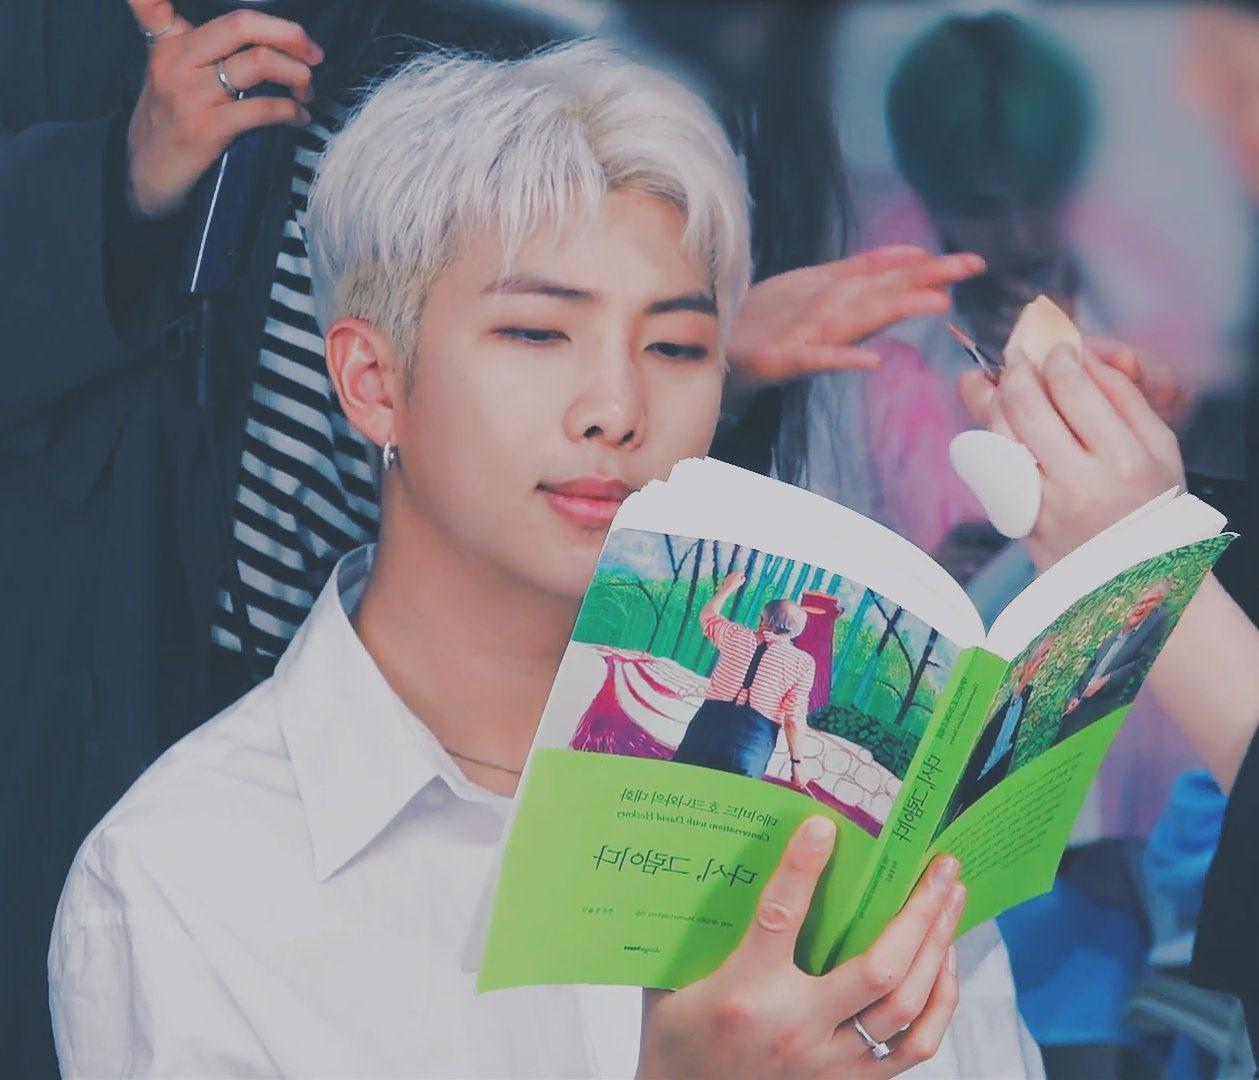 RMT lendo livro; ele usa uma camisa branca e seu cabelo está platinado, o cantor sorri levemente